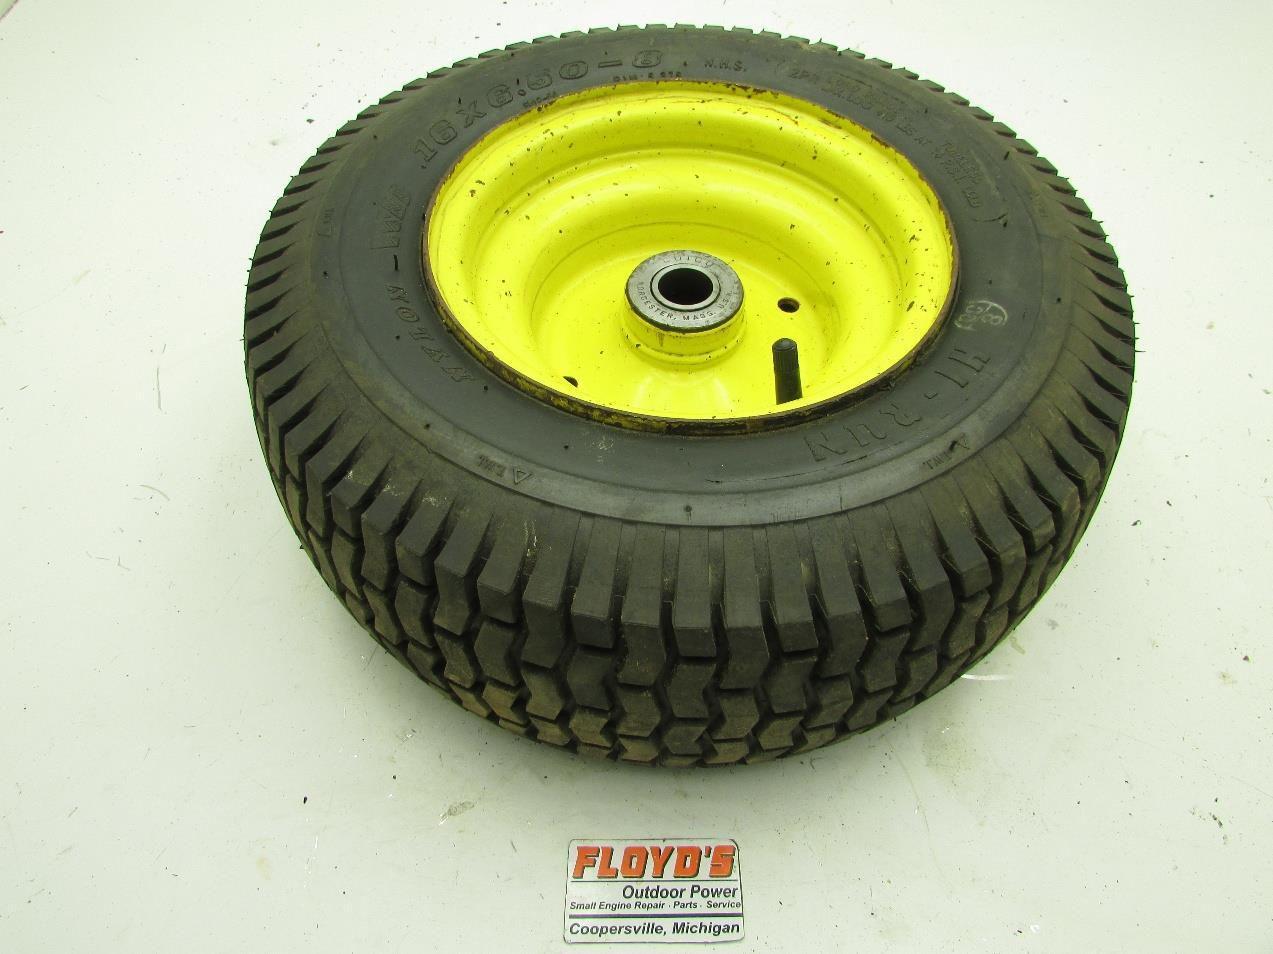 John Deere Turf Tractor Tires : John deere lawn tractor front wheel rim tire